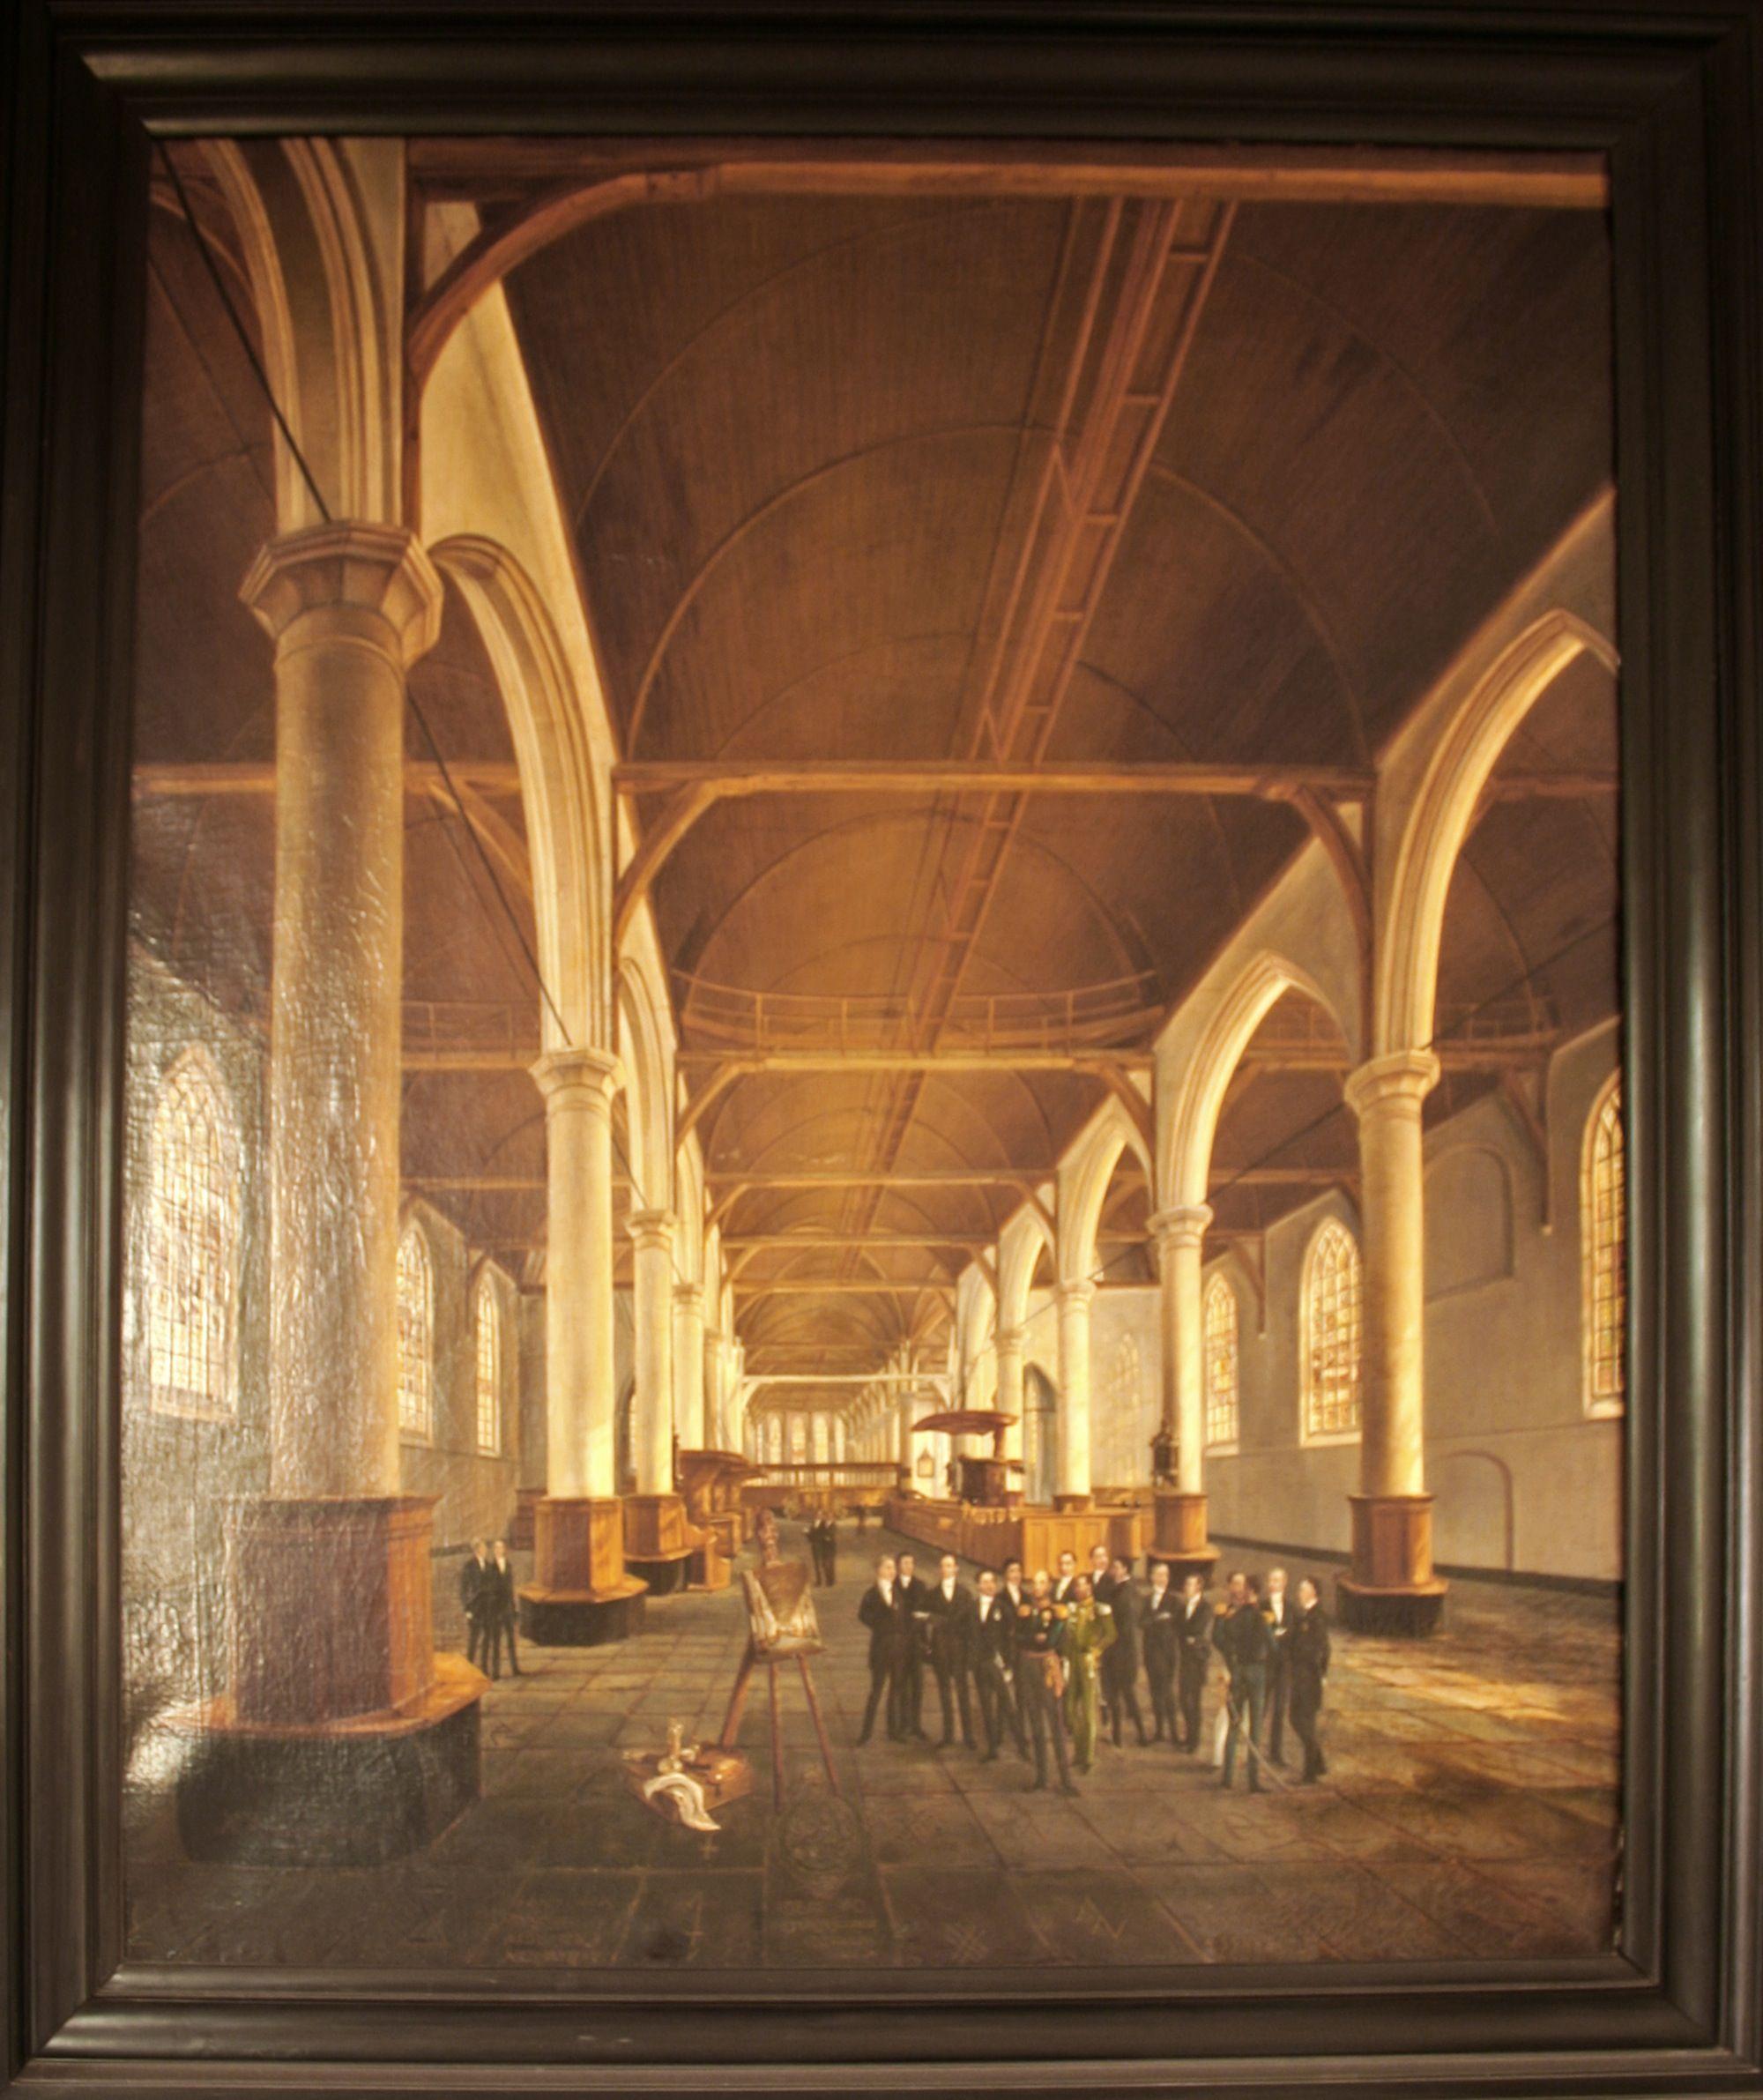 Bezoek van koning Willem II aan de Grote Kerk in Edam, 1842